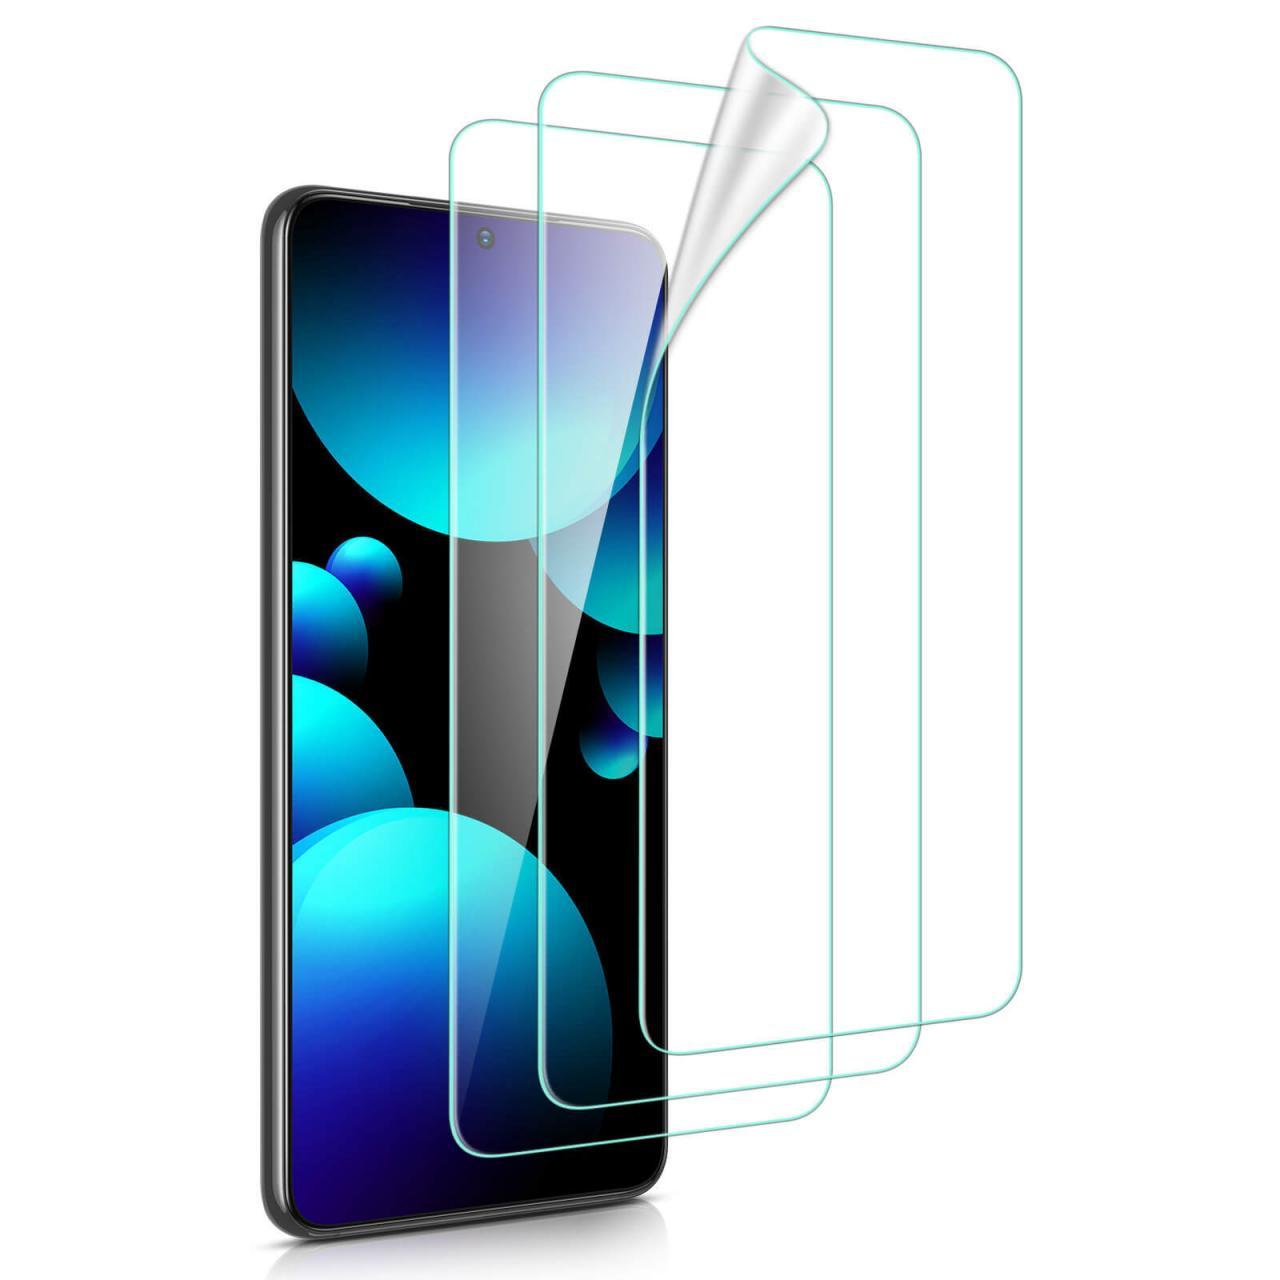 Los mejores protectores de pantalla Samsung Galaxy S21 Ultra